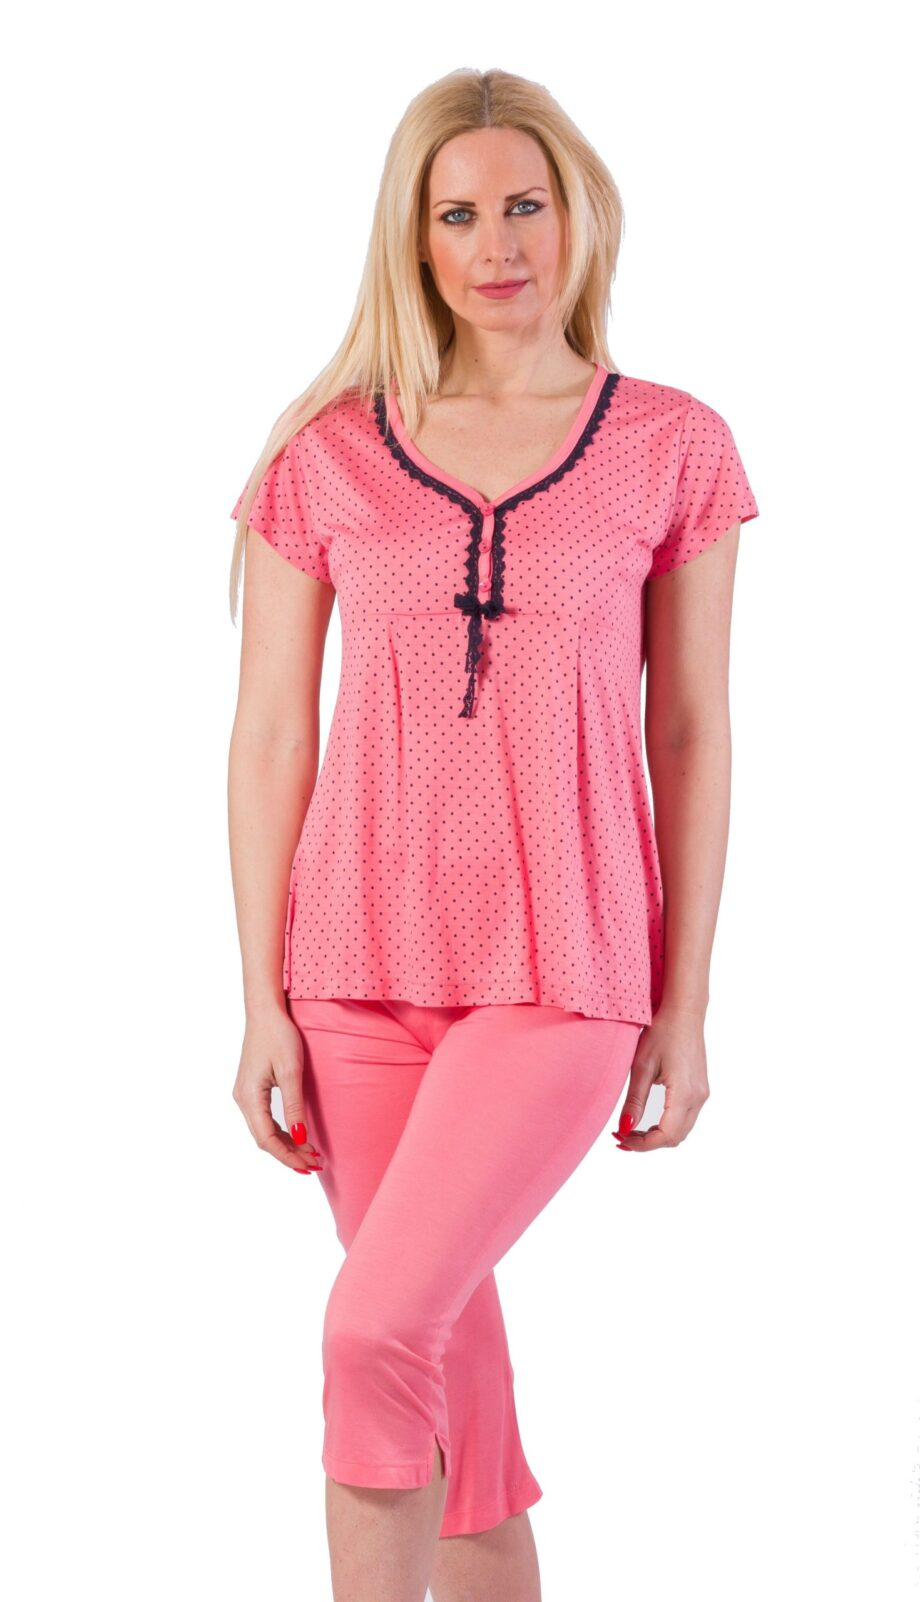 Γυναικεία-πιτζάμα-ZEN-Intimates-Ροζ-πουά-scaled-1.jpeg